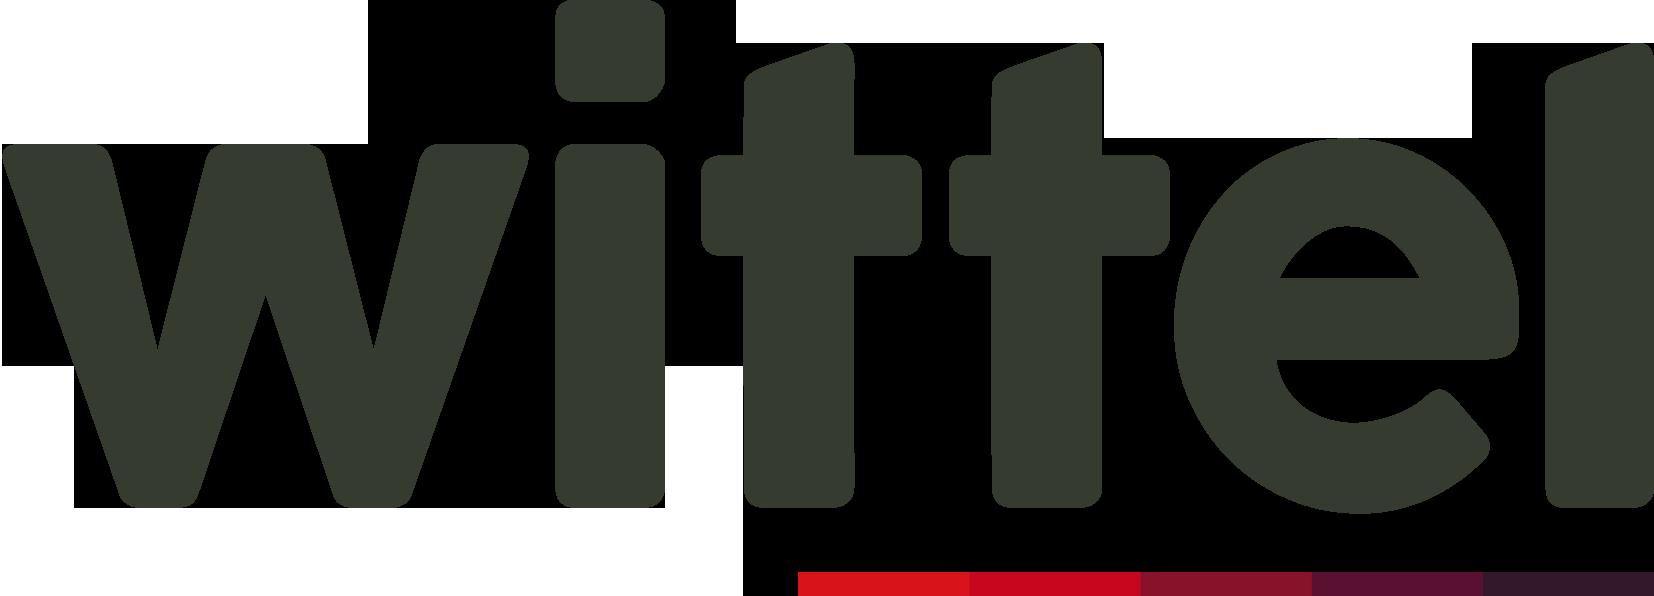 Blog da Wittel – Informações atualizadas sobre Tecnologias de Comunicação, com foco em resultados.